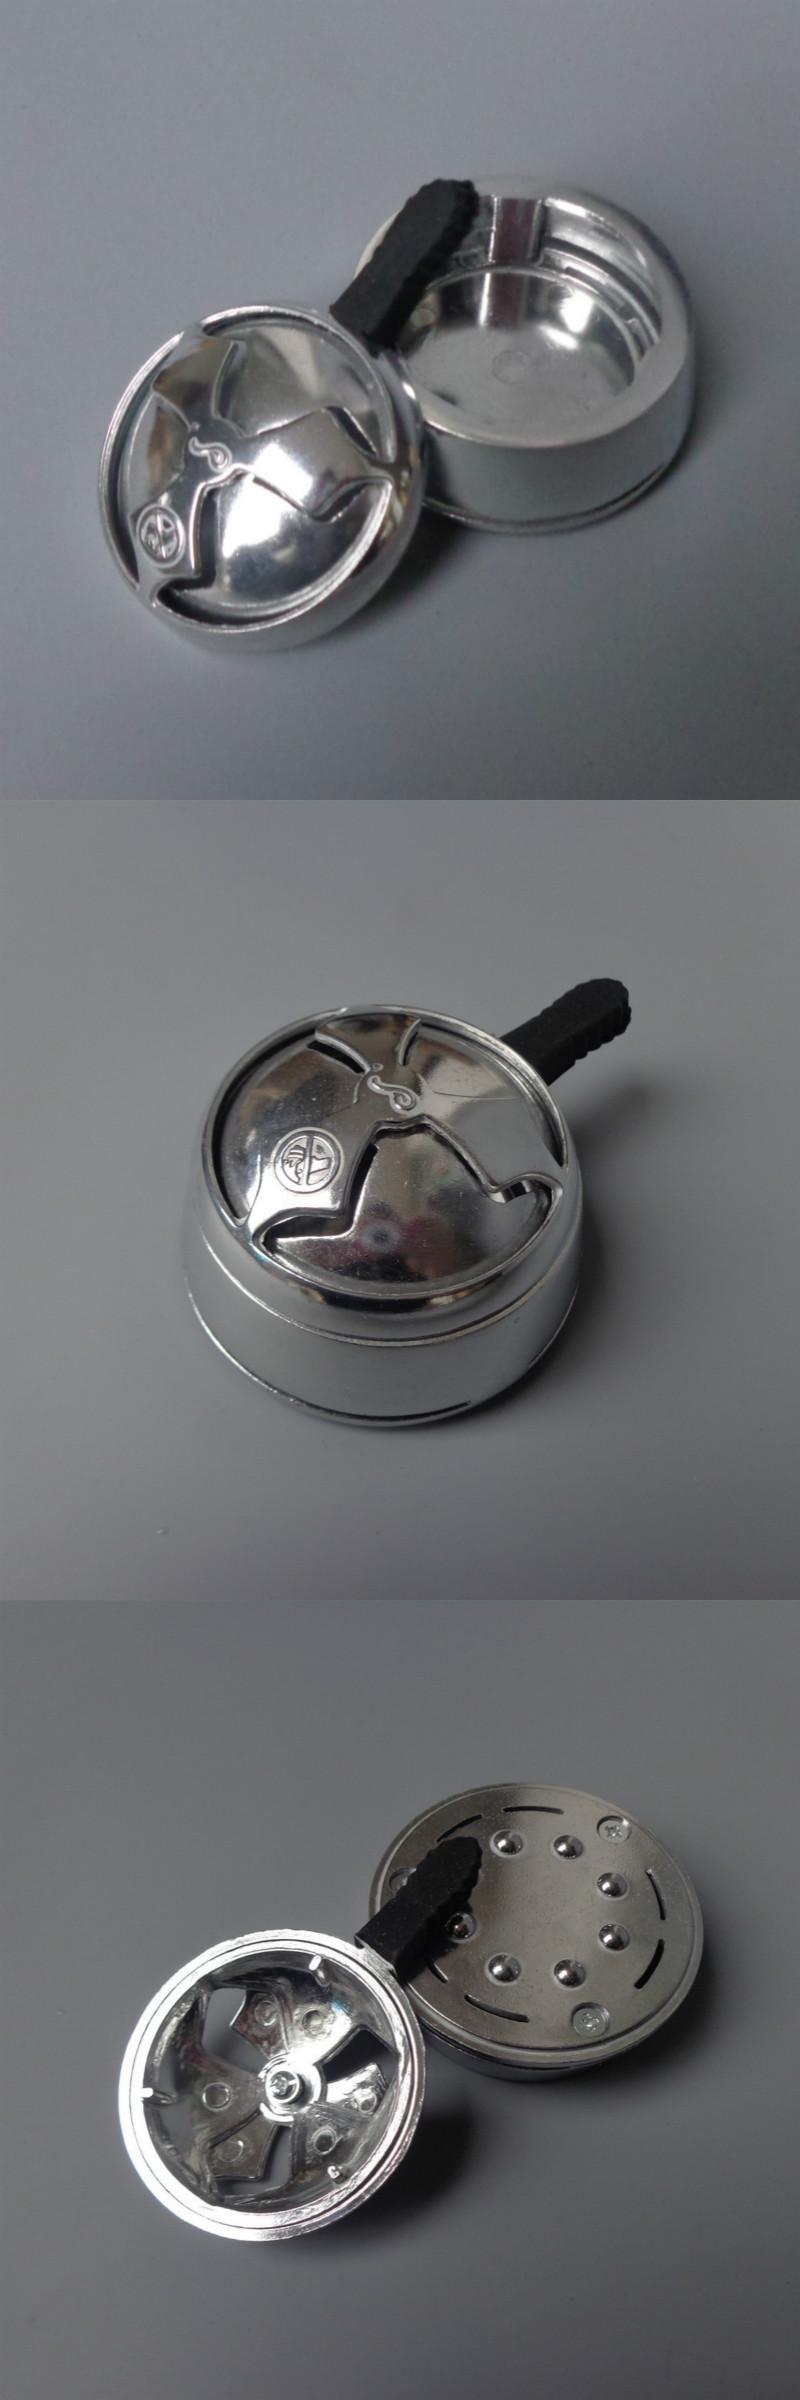 Smoking Tool Alloy Carbon Spacer Shisha Hookah Shisha Pipes Bowl